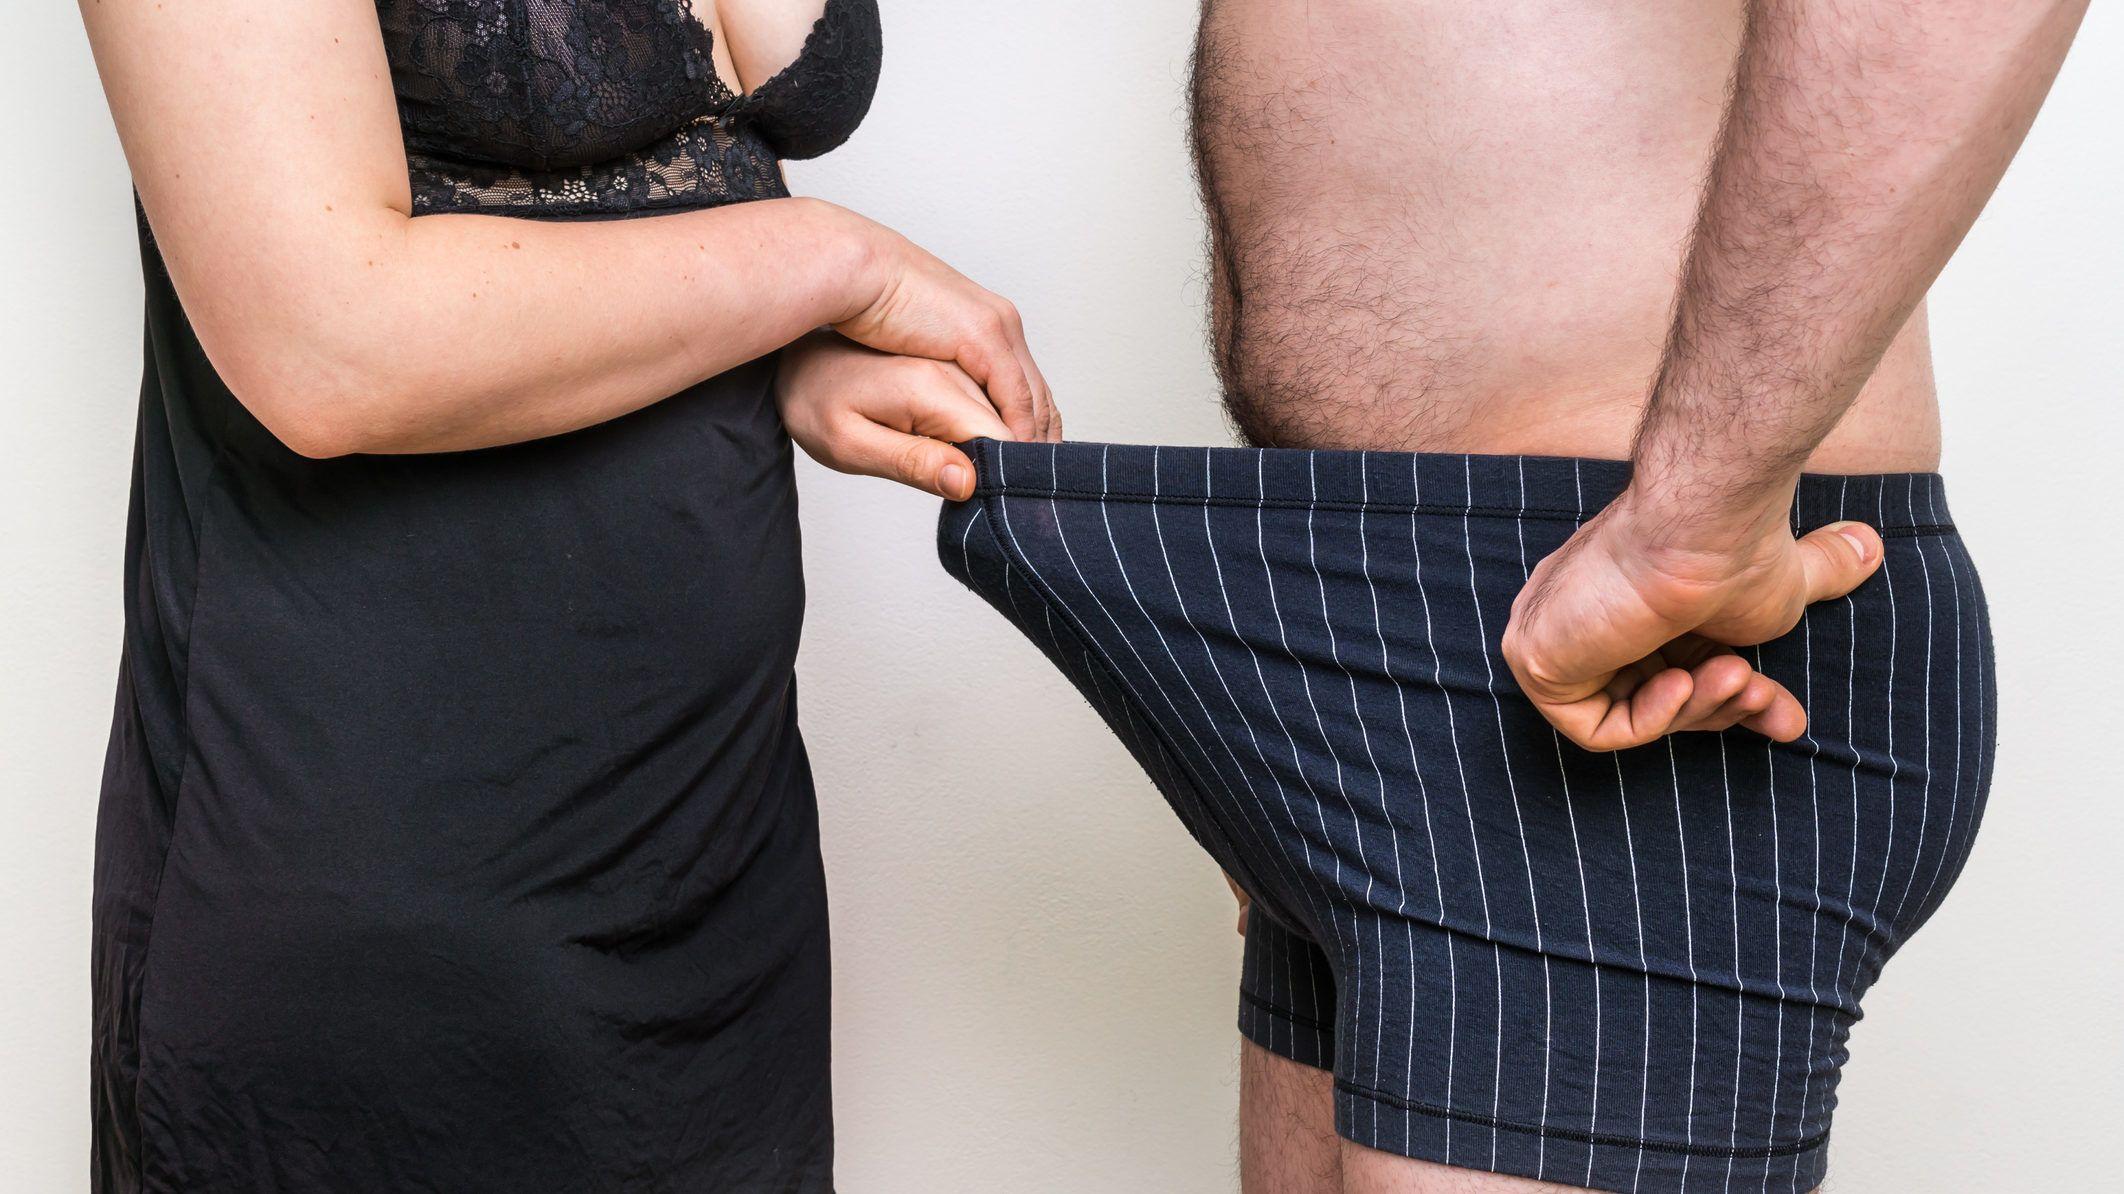 kenőcs hosszú erekcióhoz szabályos péniszméretek